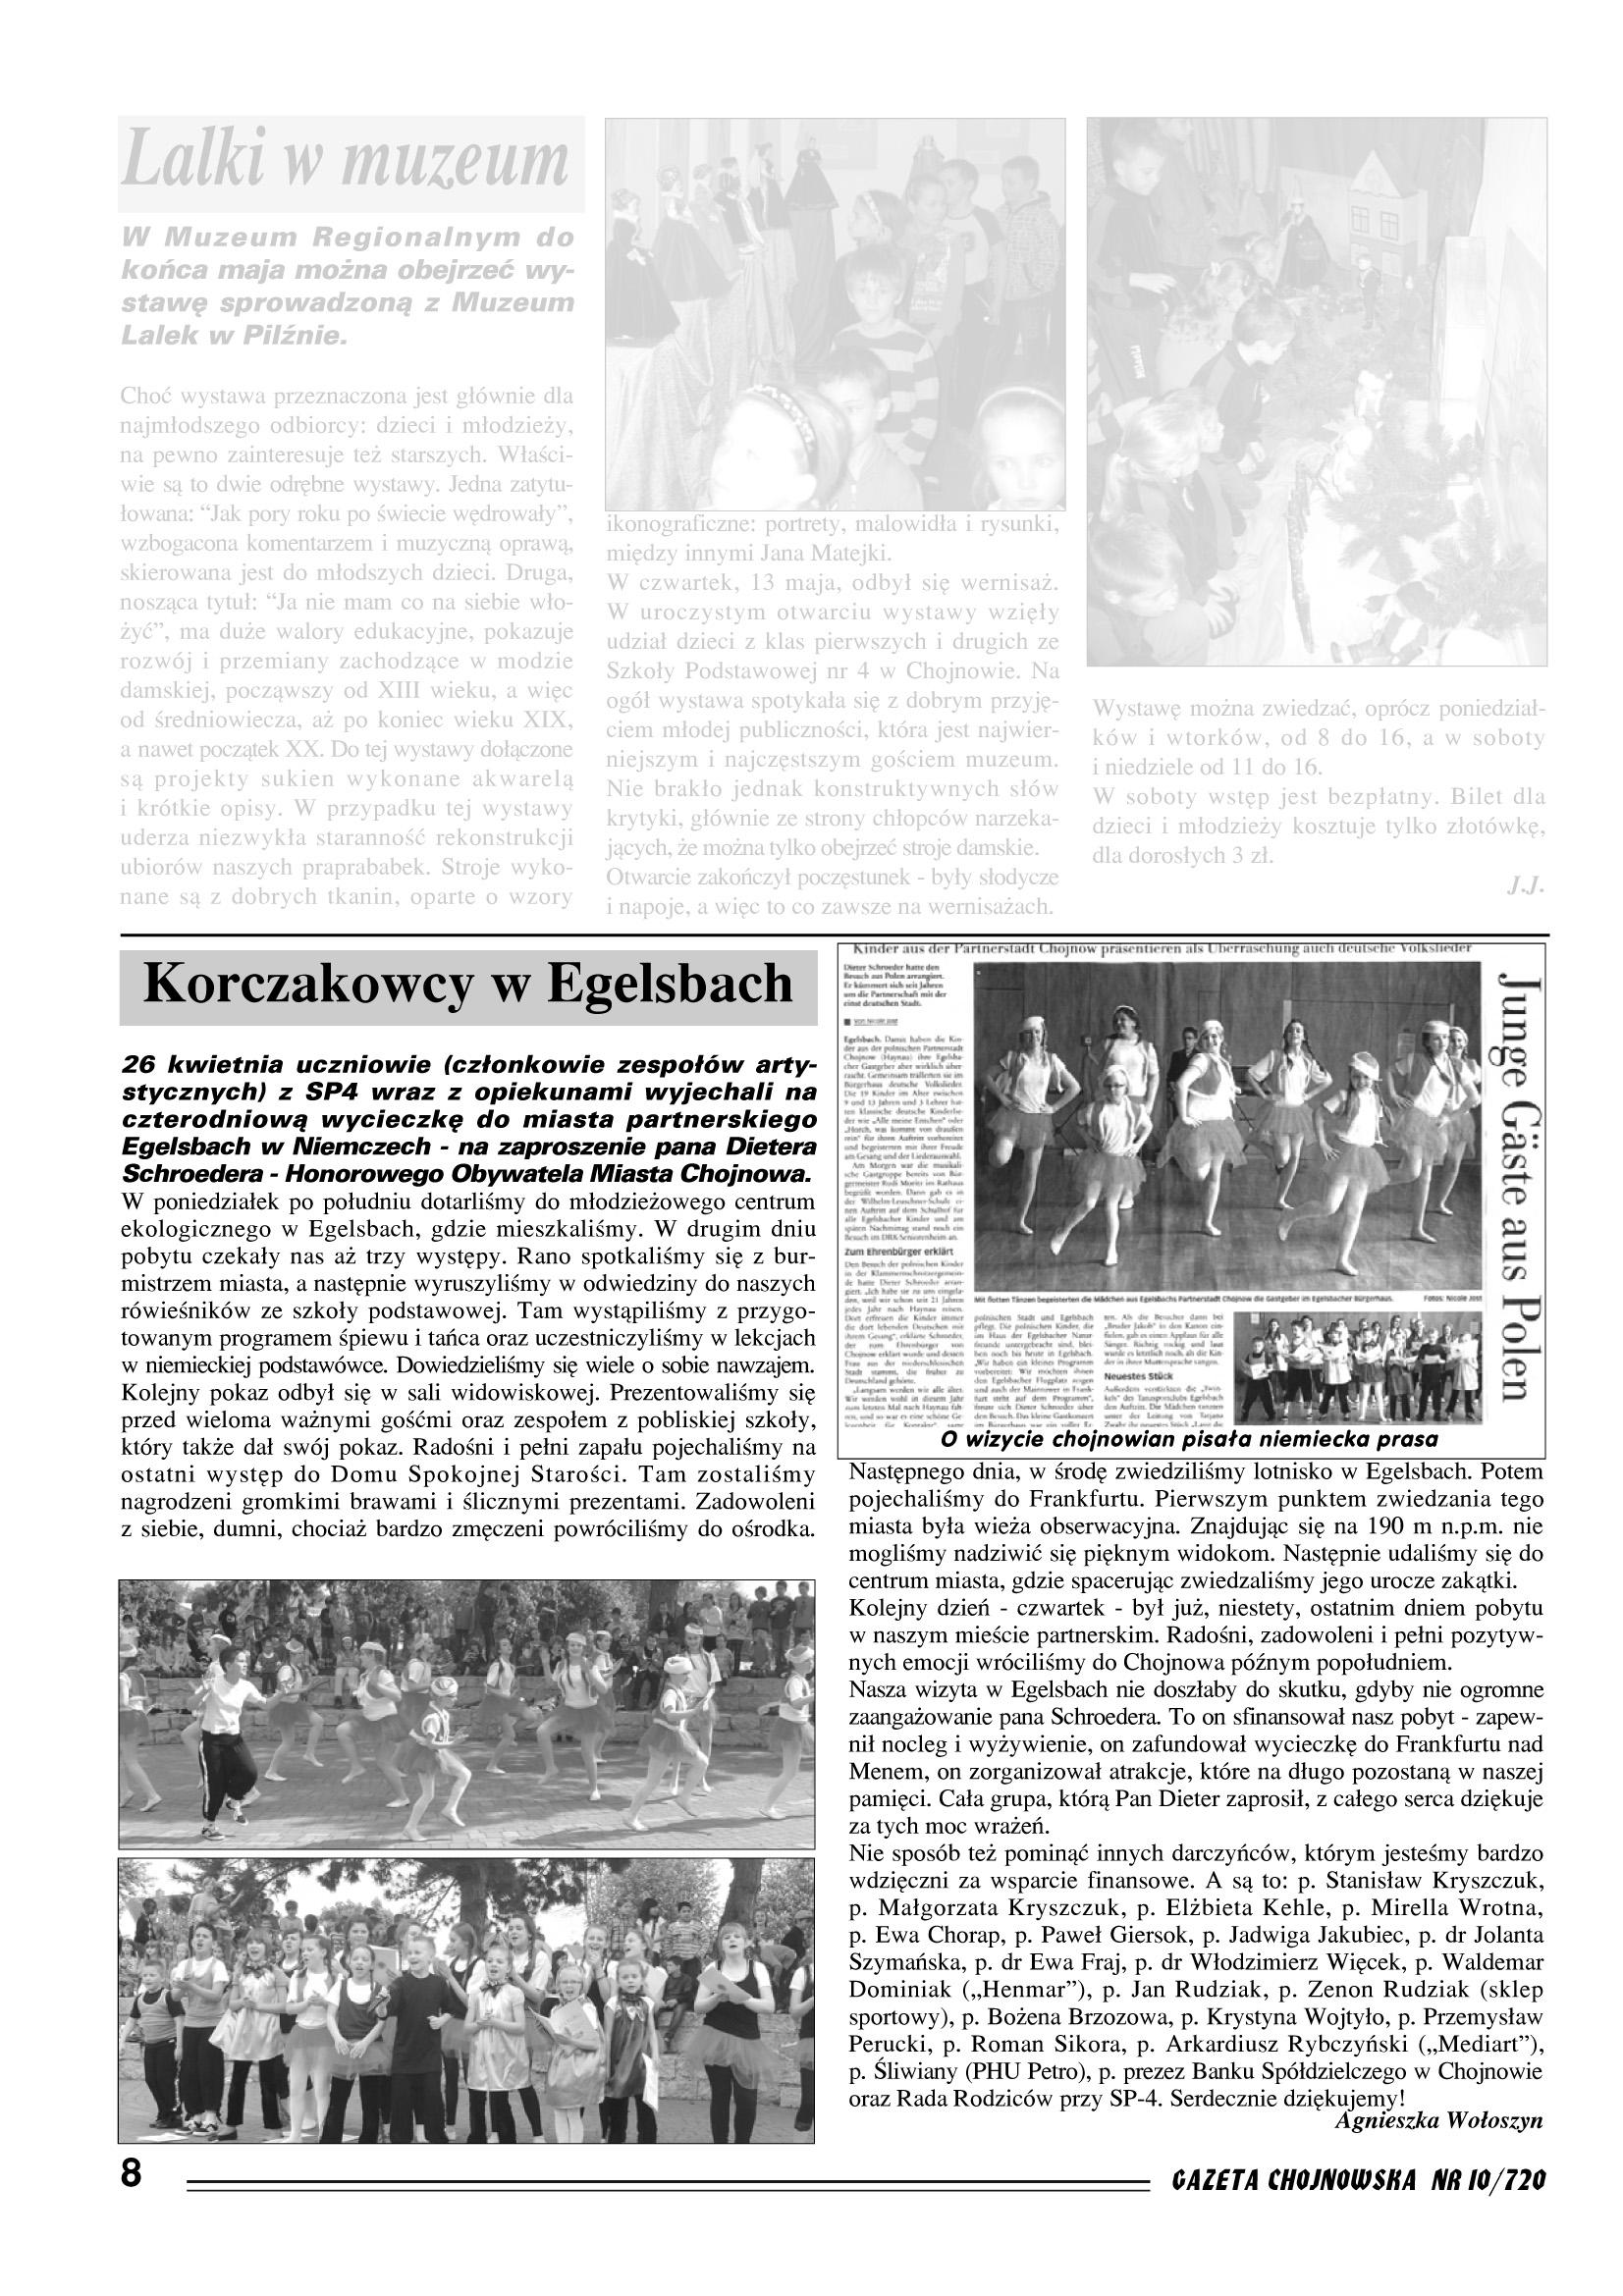 Wycieczka uczniów SP4 do Egelsbach (932.39 kb)